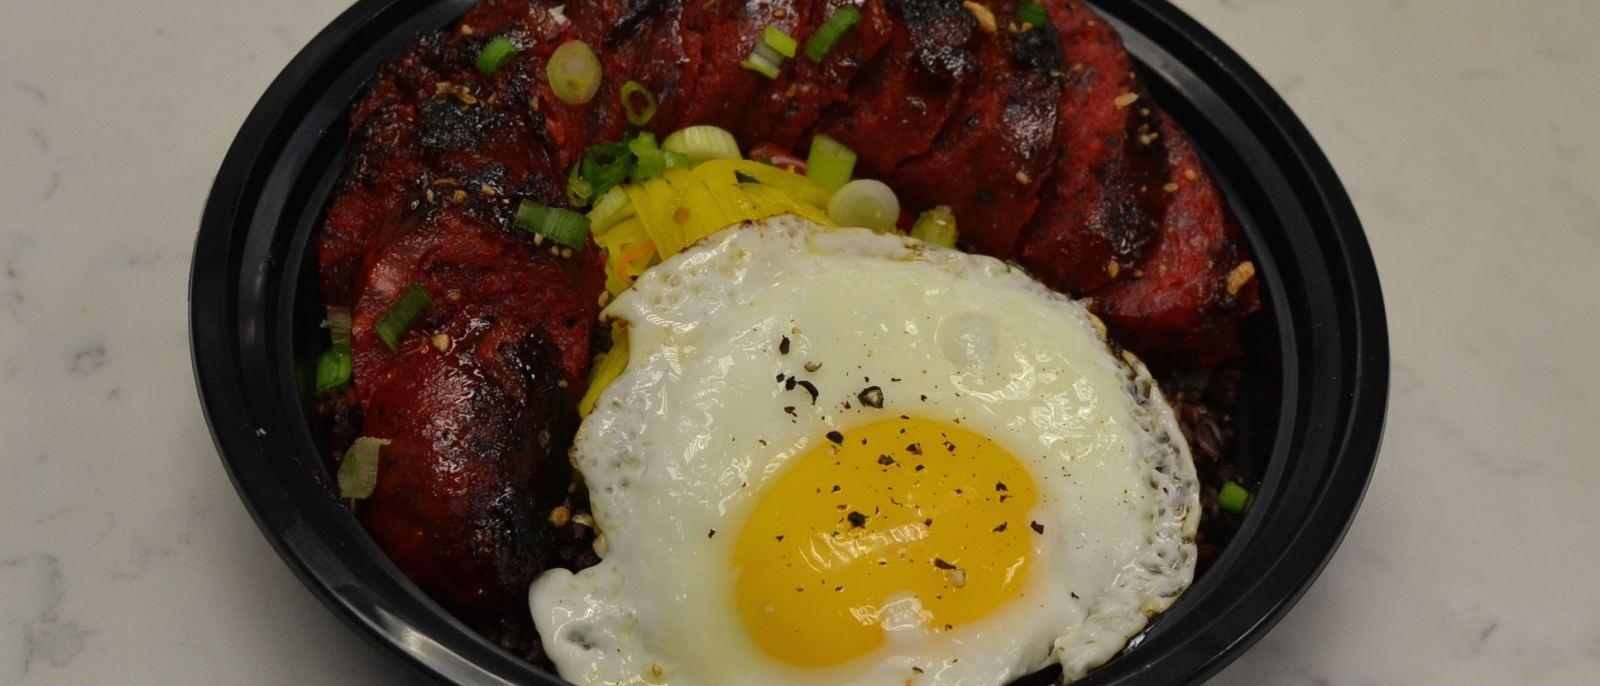 Pork longganisa at RiceBar in DTLA